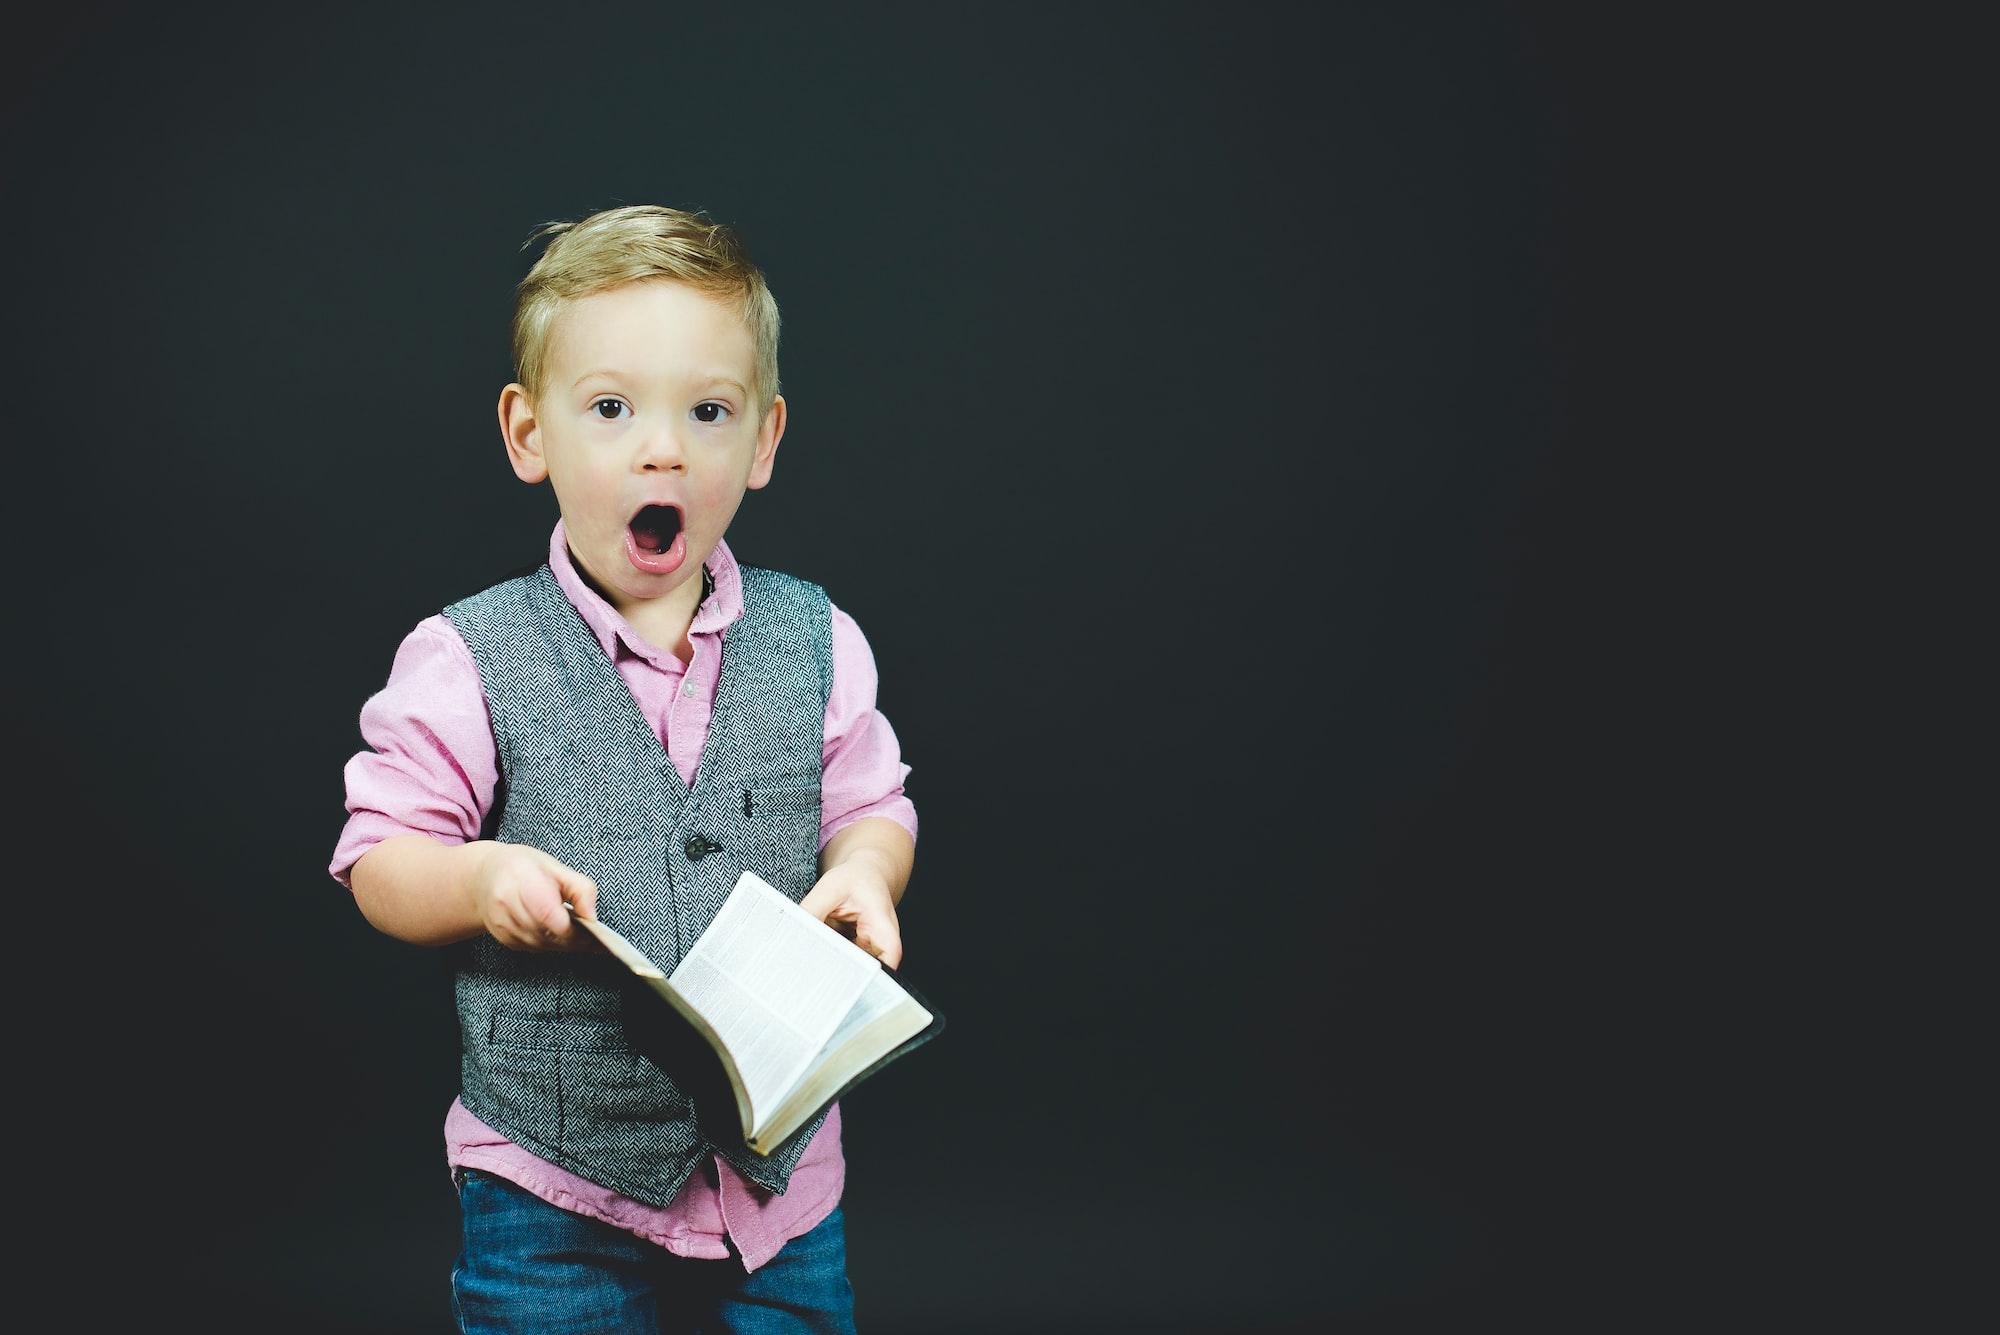 Escoger tener hijos: ¿un altar al egoísmo?